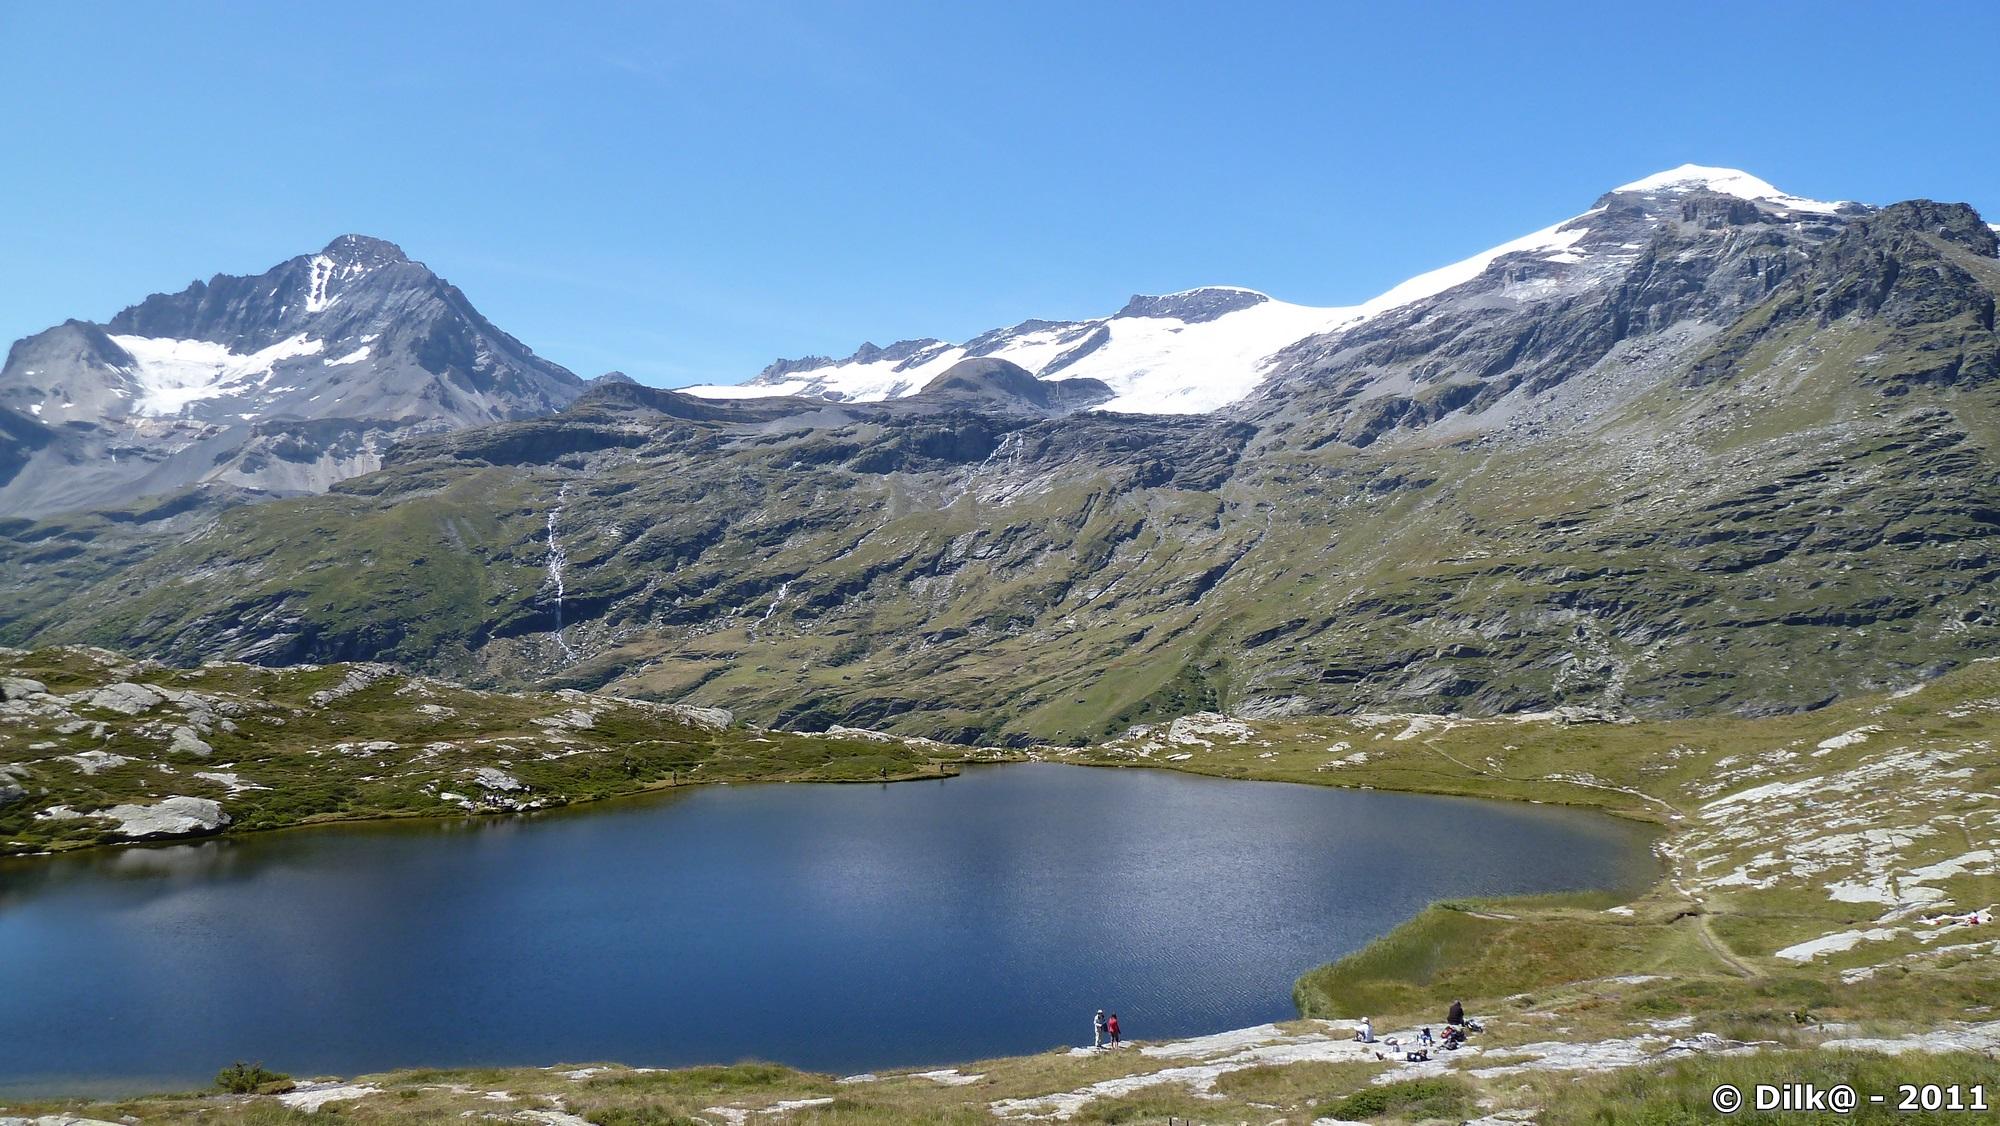 Le Lac Blanc, la Dent Parrachée et le glacier de la Vanoise